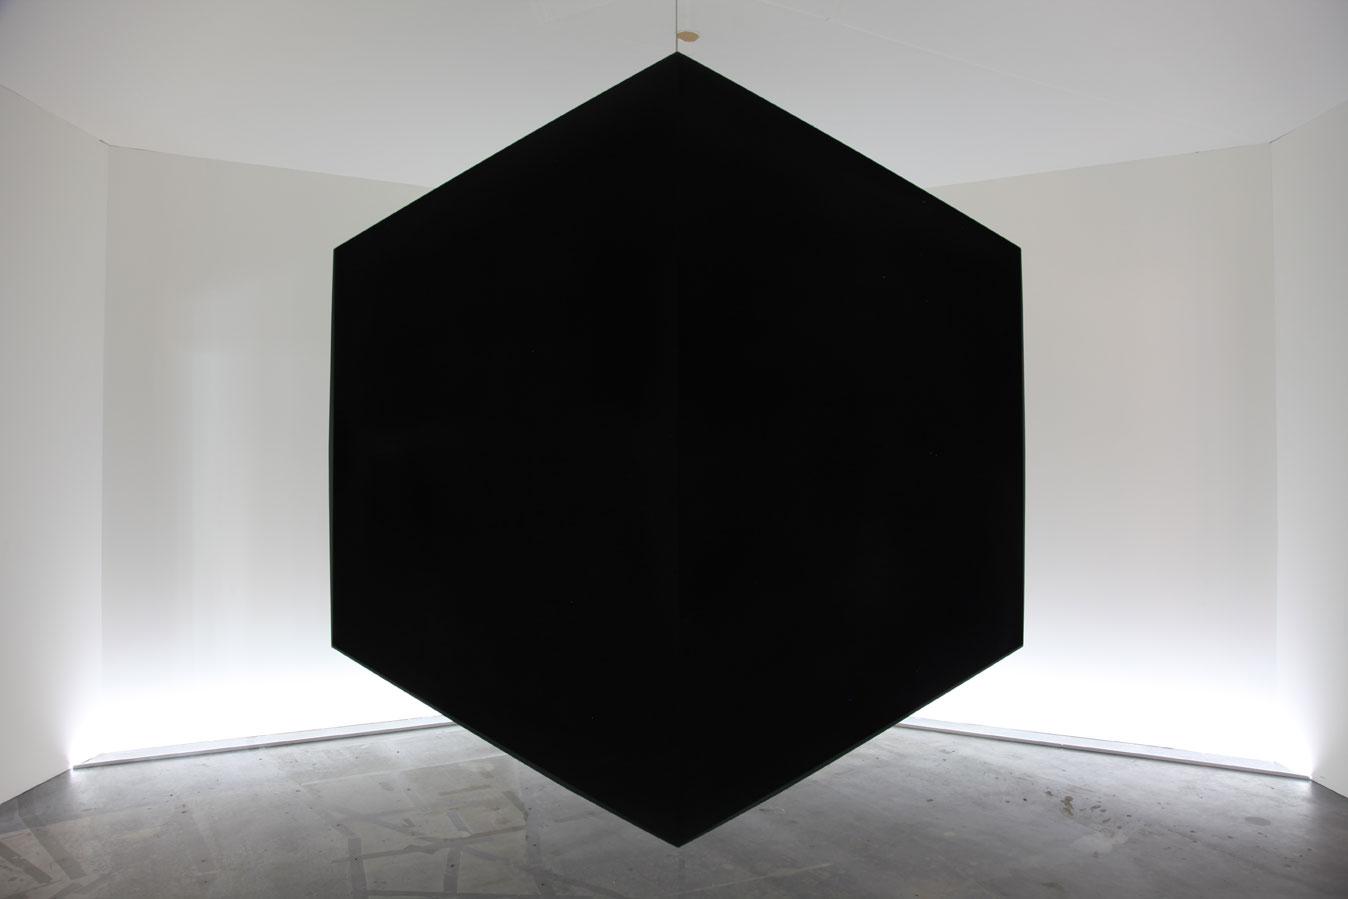 'Dark Matter', 2014   Troika (Conny Freyer, Eva Rucki, Sebastien Noel)